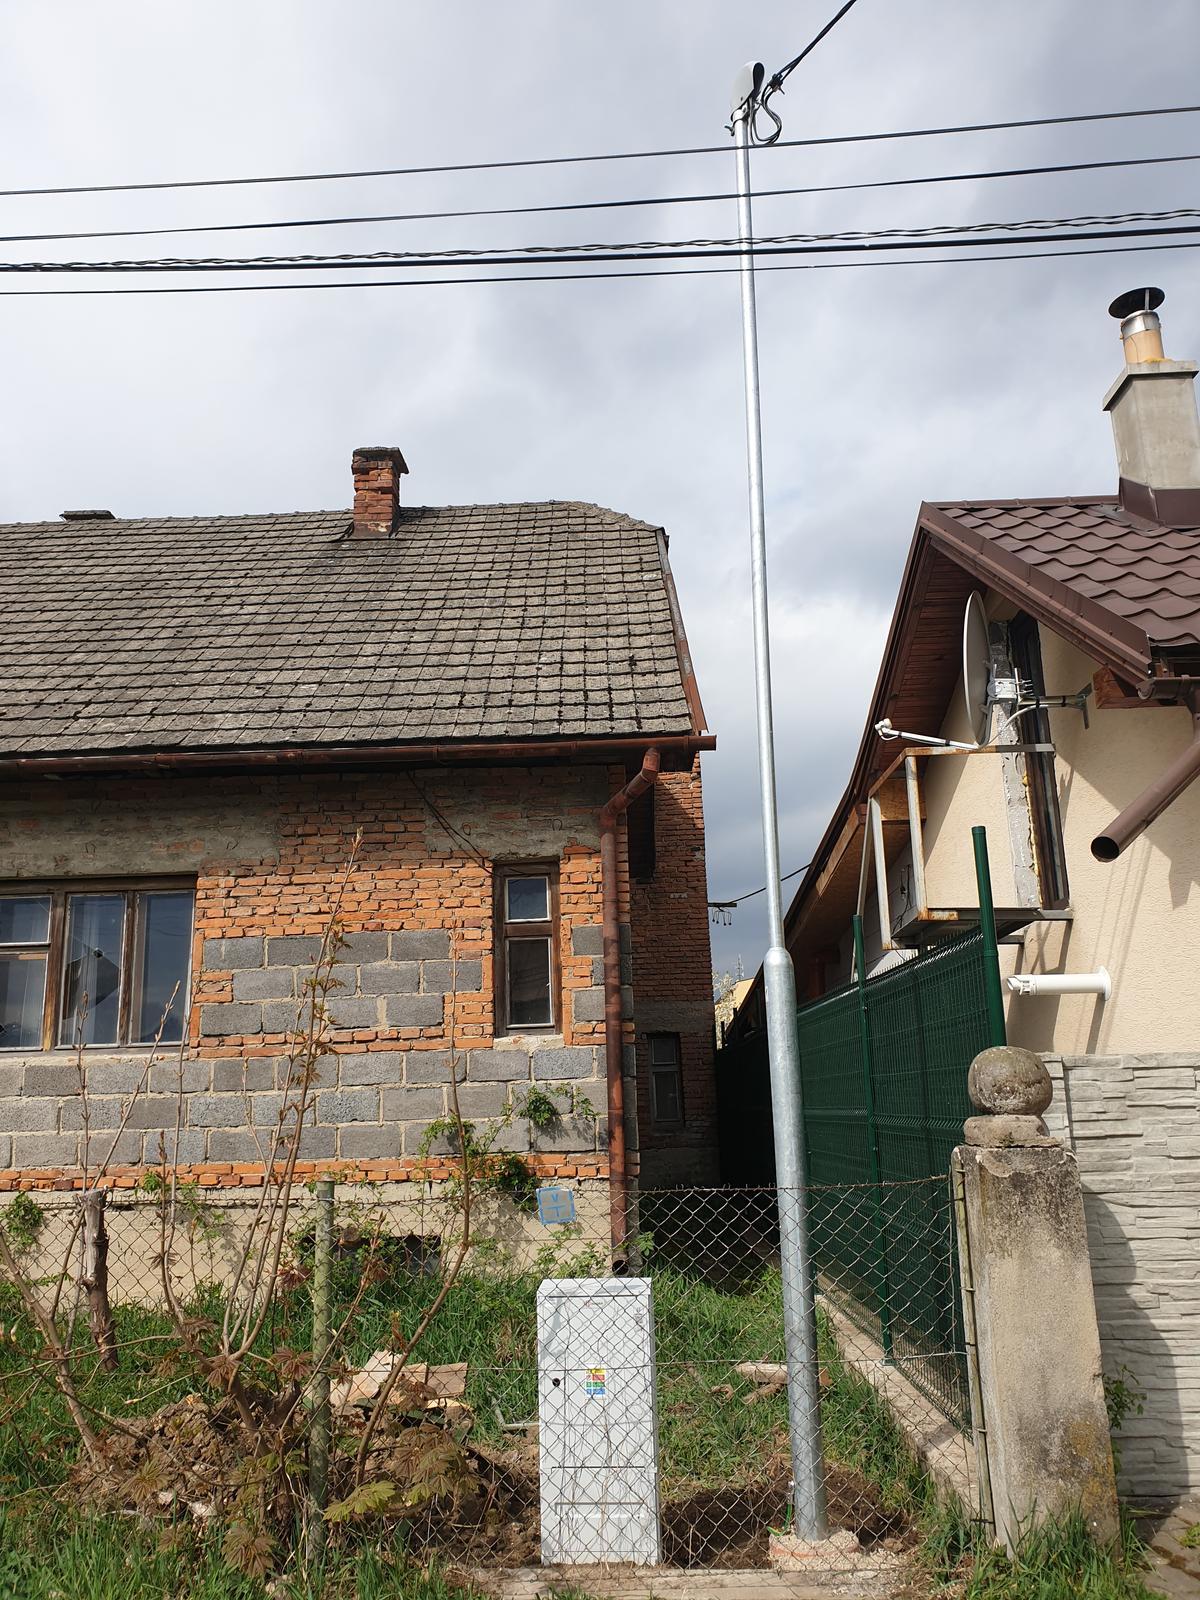 Rekonštrukcia domu-alebo chceme si splniť sen =》🏠🌻🌼🐶  mat domcek a vratit sa na Slovensko - Obrázok č. 92